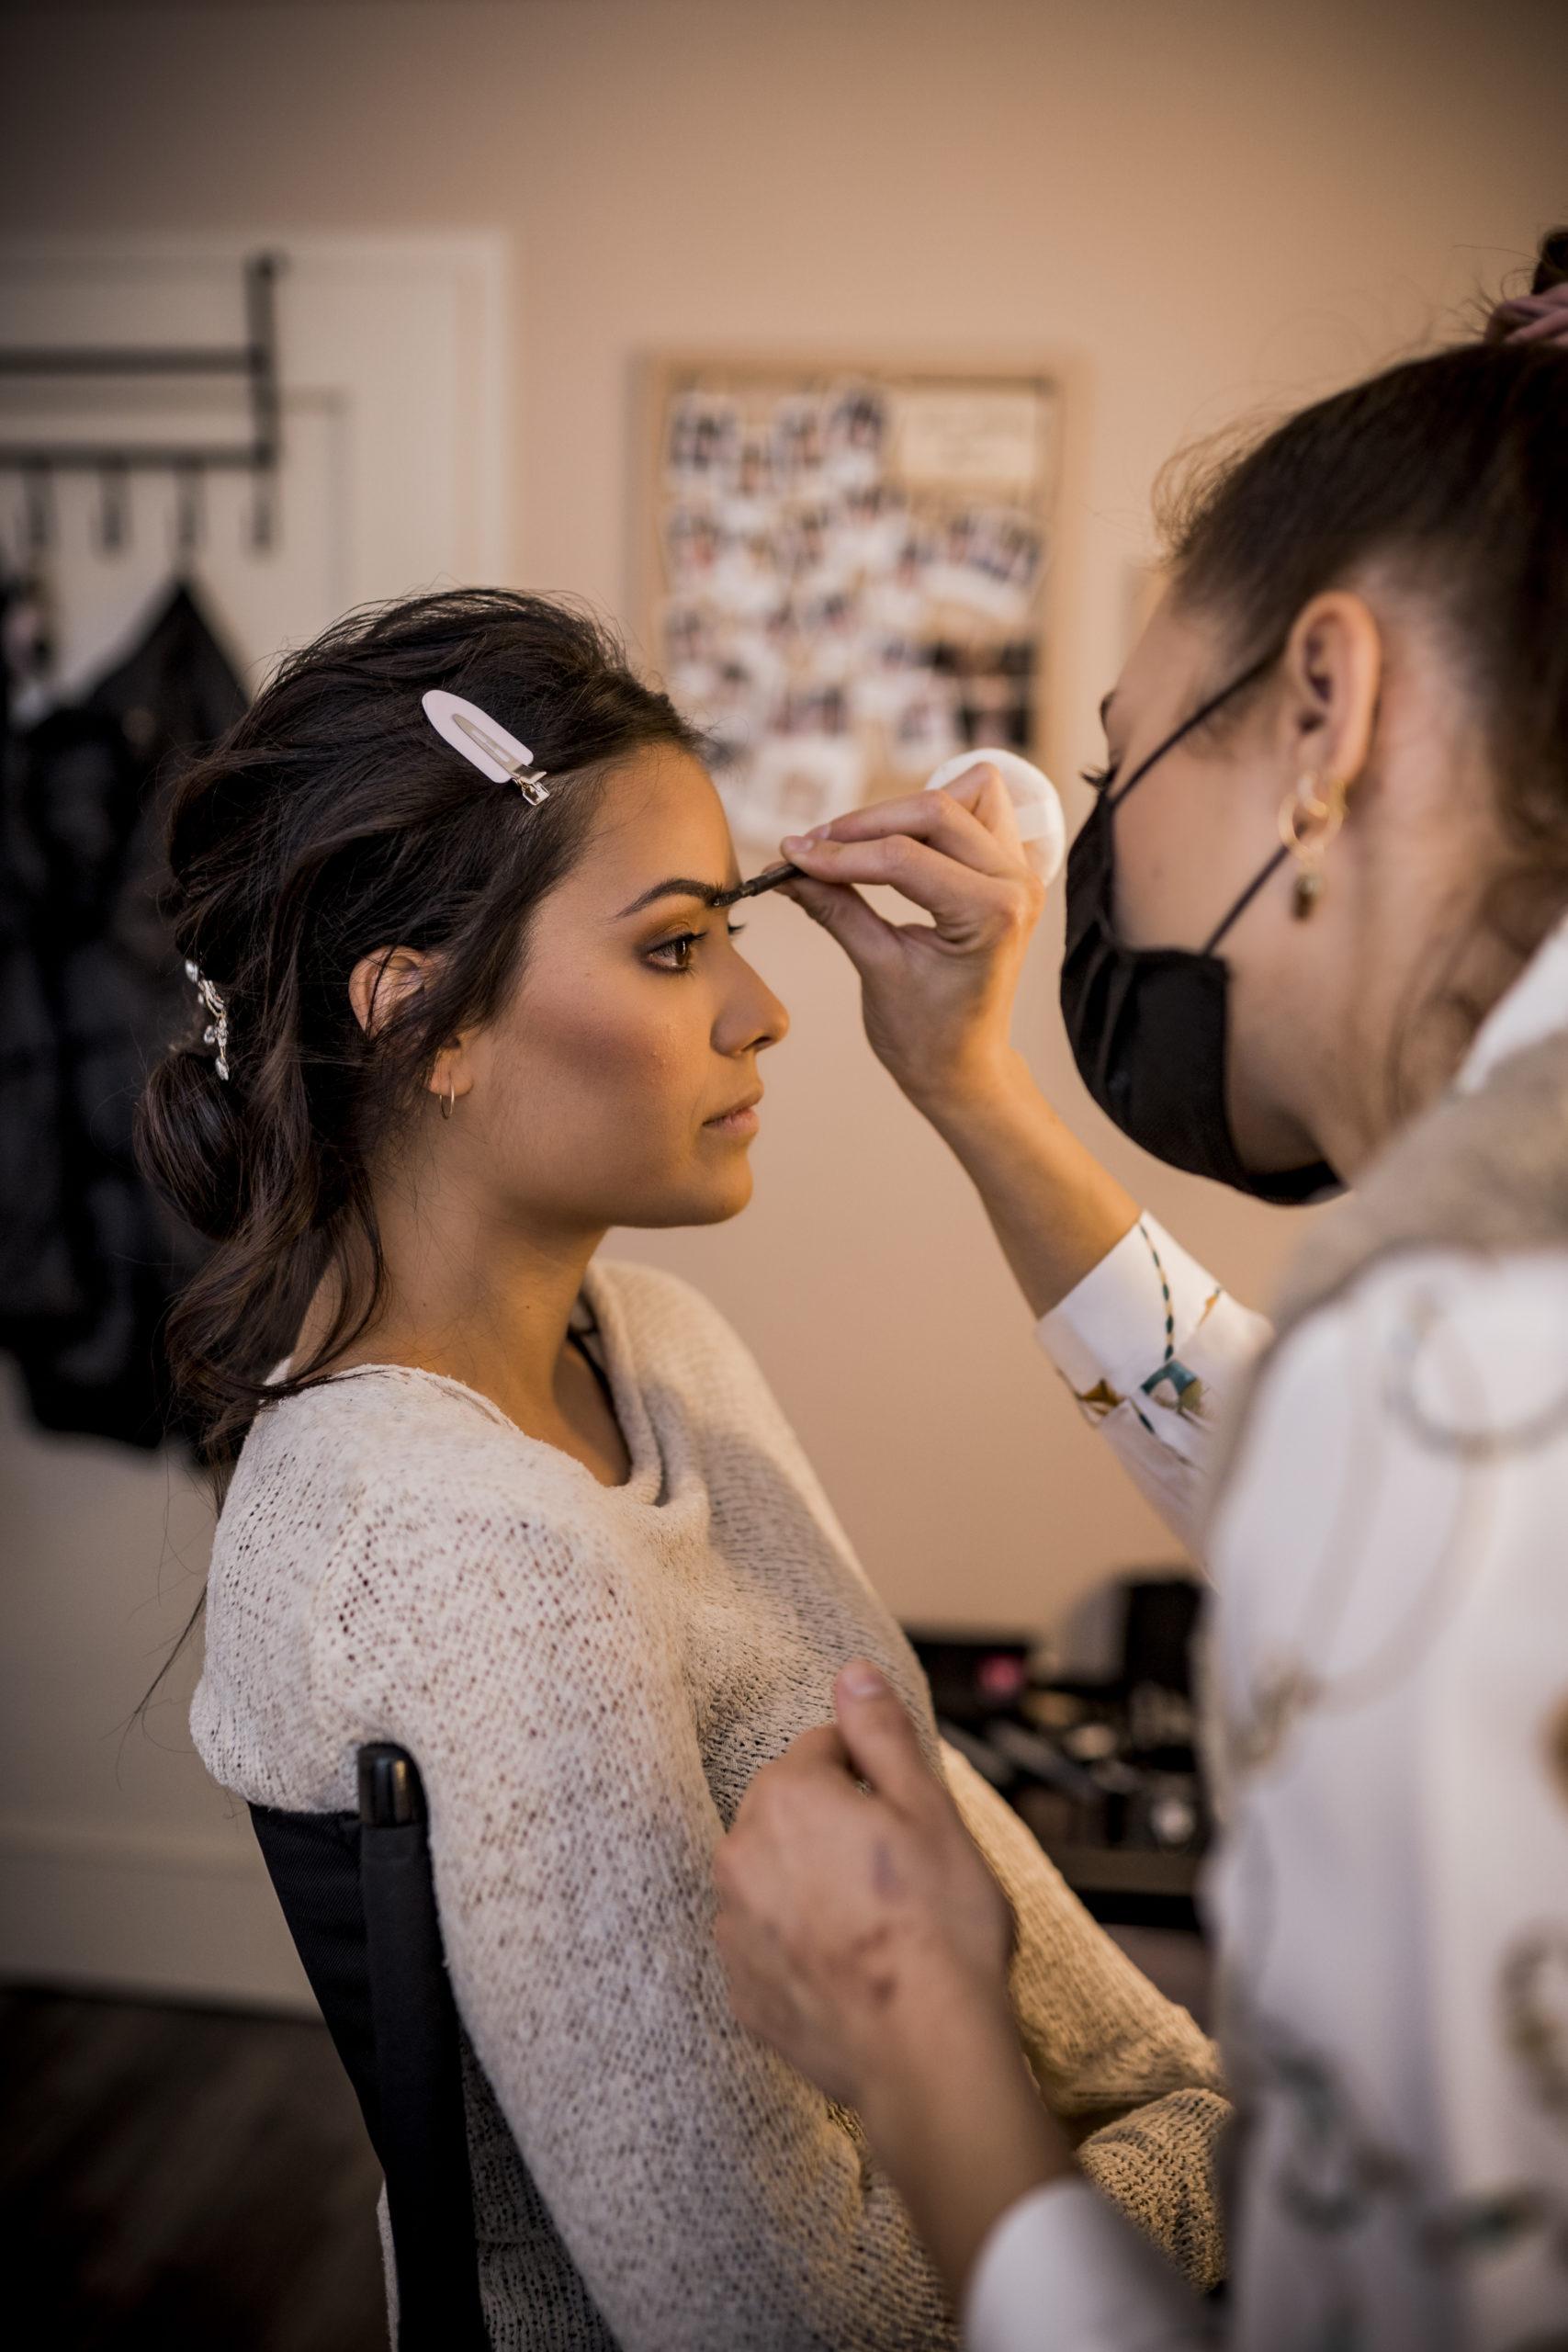 noni Brautmode, Styled Shoot, Getting Ready, Model am Schminktisch, Model wird von Stylistin geschminkt